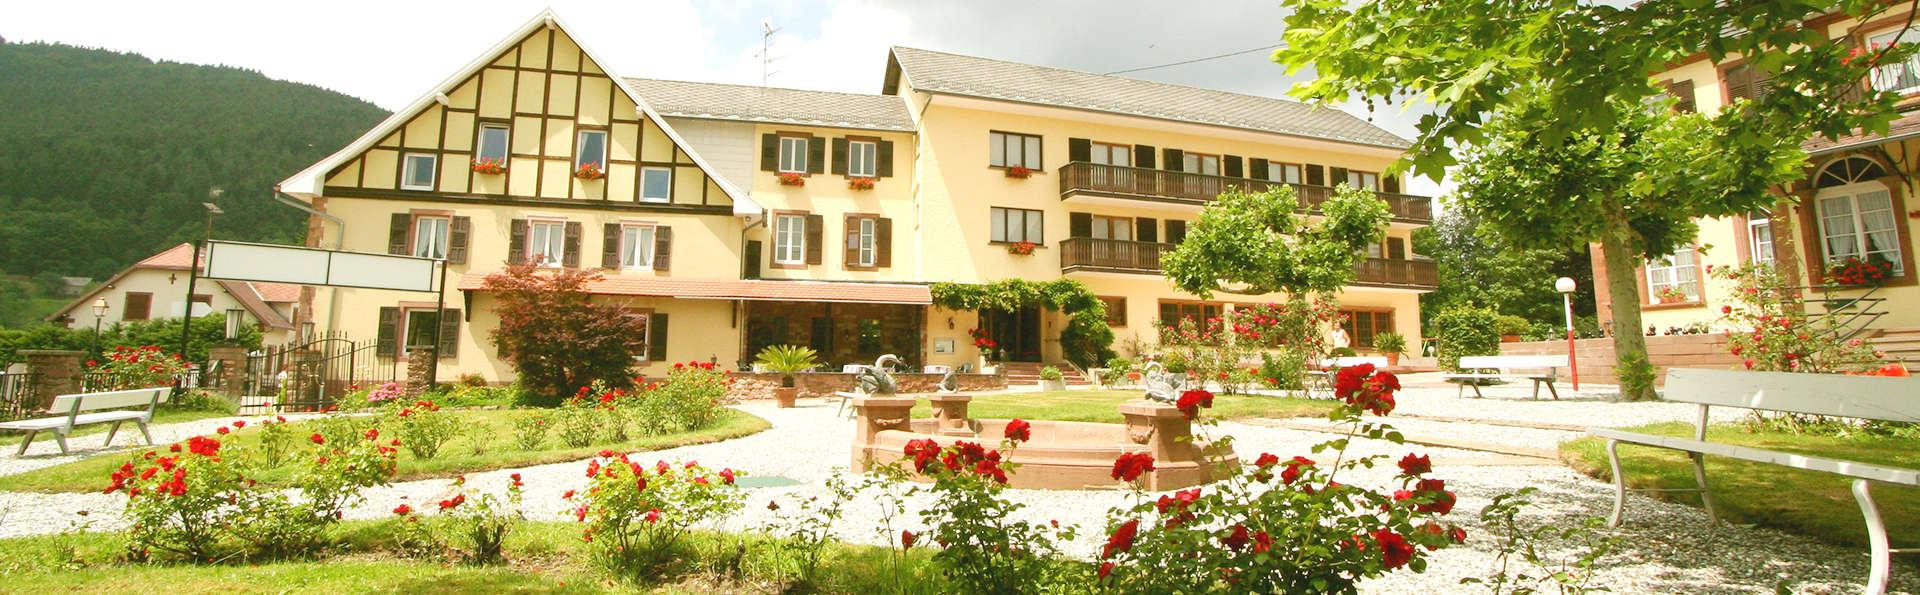 Parc Hôtel - Wangenbourg - Edit_Parc-Hotel---Wangenbourg_front4.jpg